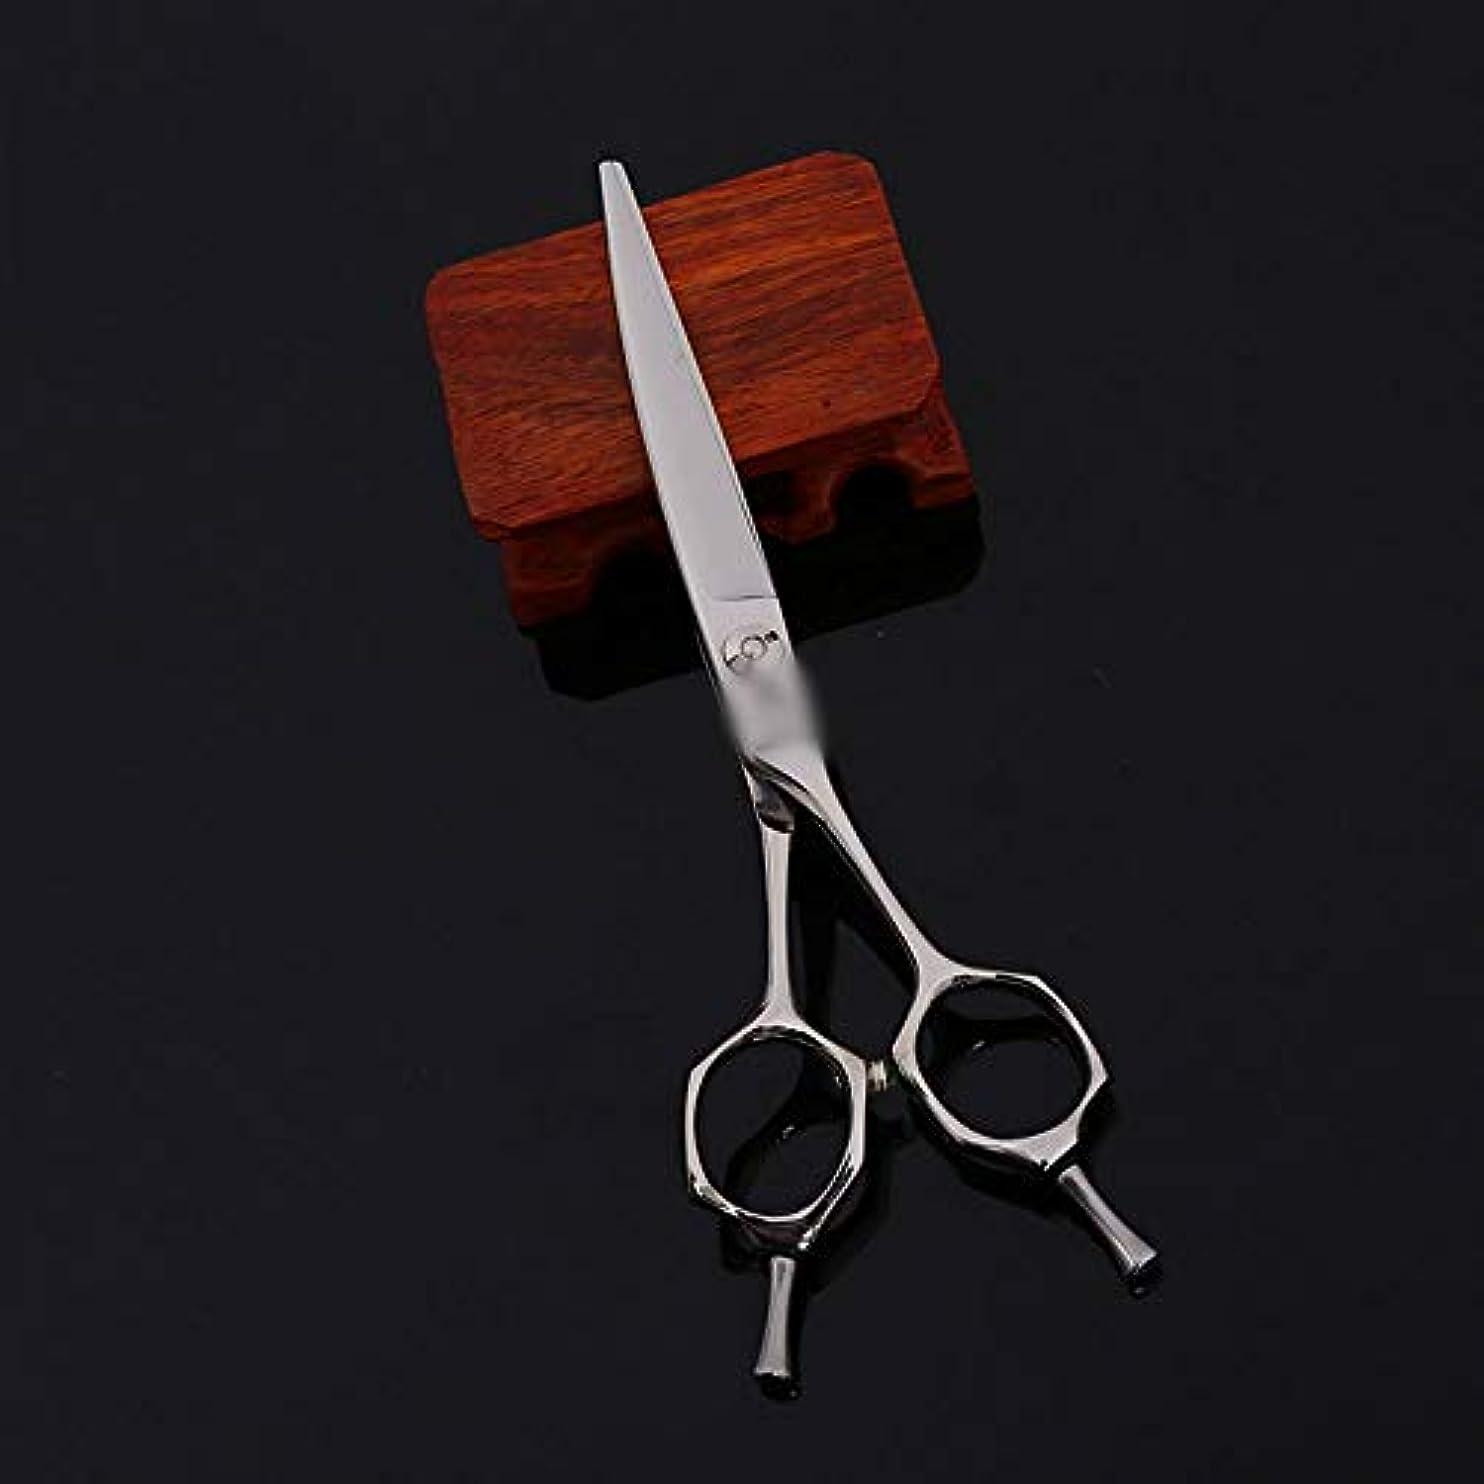 ボーダー知覚物理学者6インチ美容院プロの家族ハイエンド理髪プロのはさみ モデリングツール (色 : Silver)